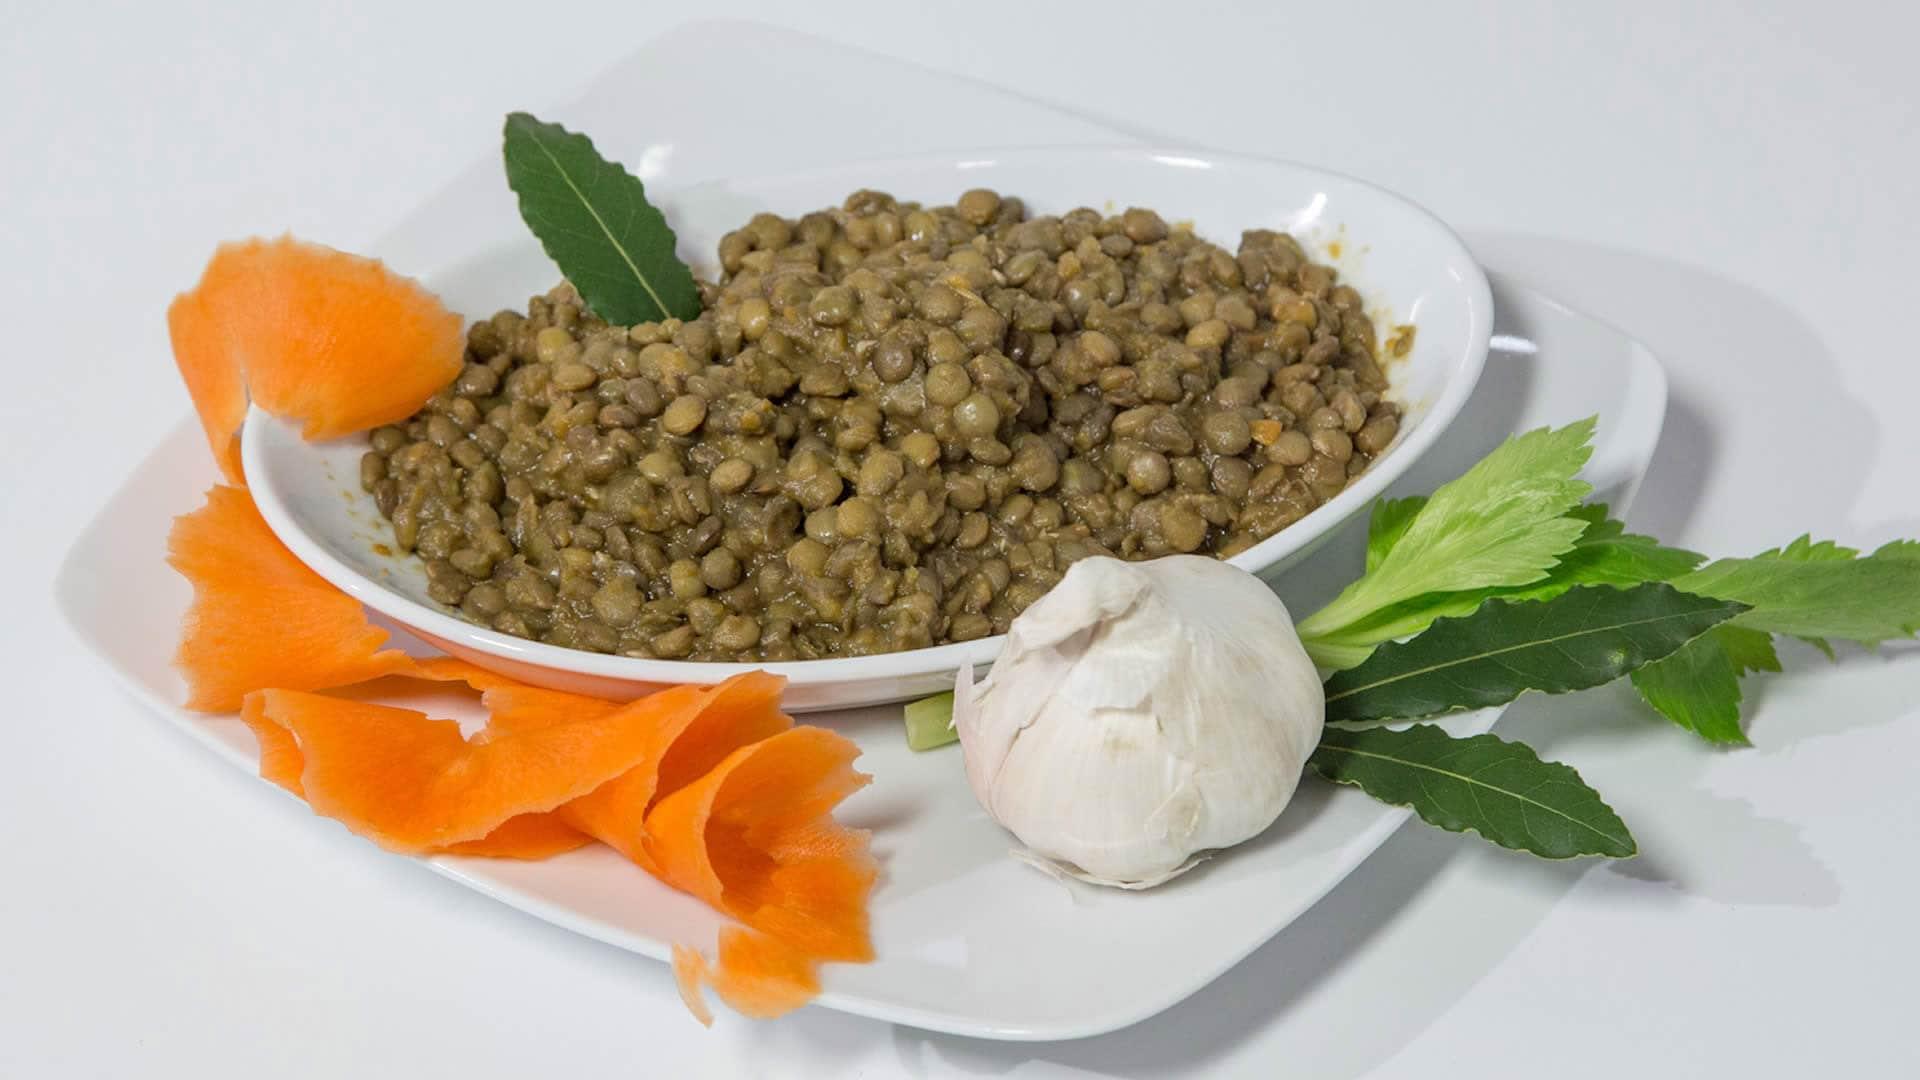 Foto Lenticchie - Come Cuocerle con Pochi Grassi